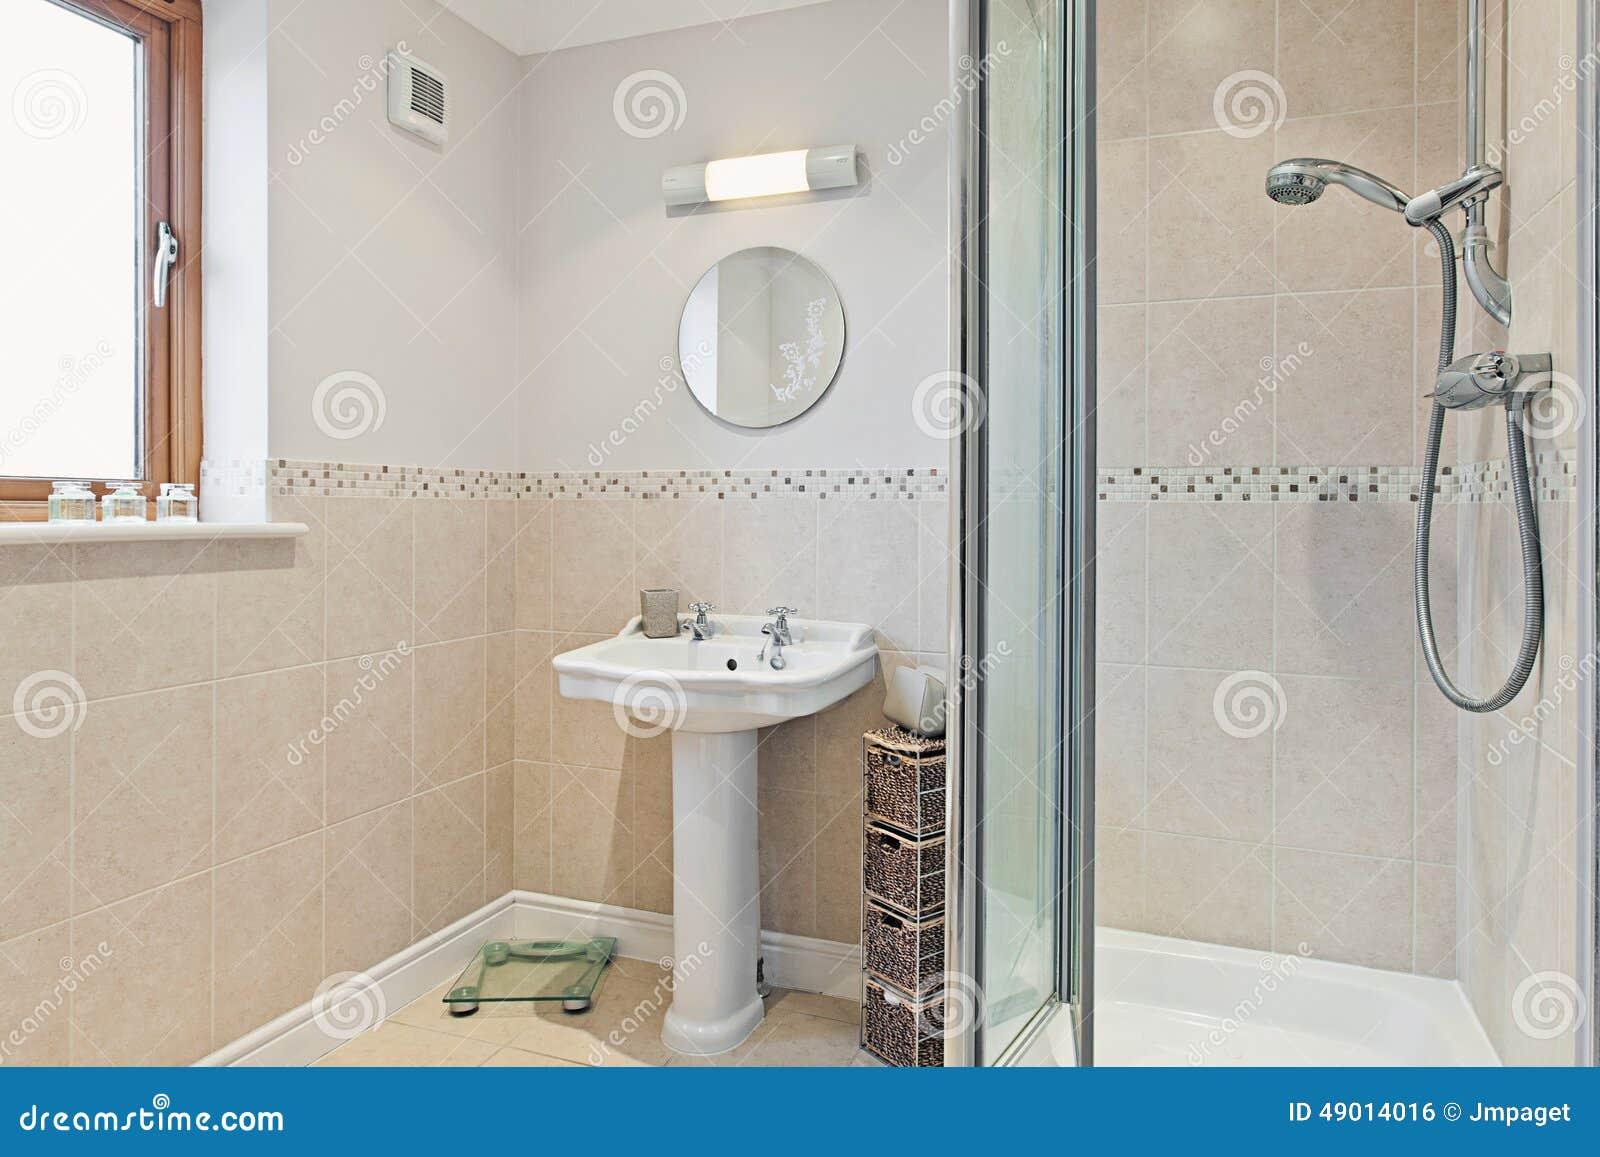 Salle de bain moderne avec douche avec des for Salle de bain avec douche